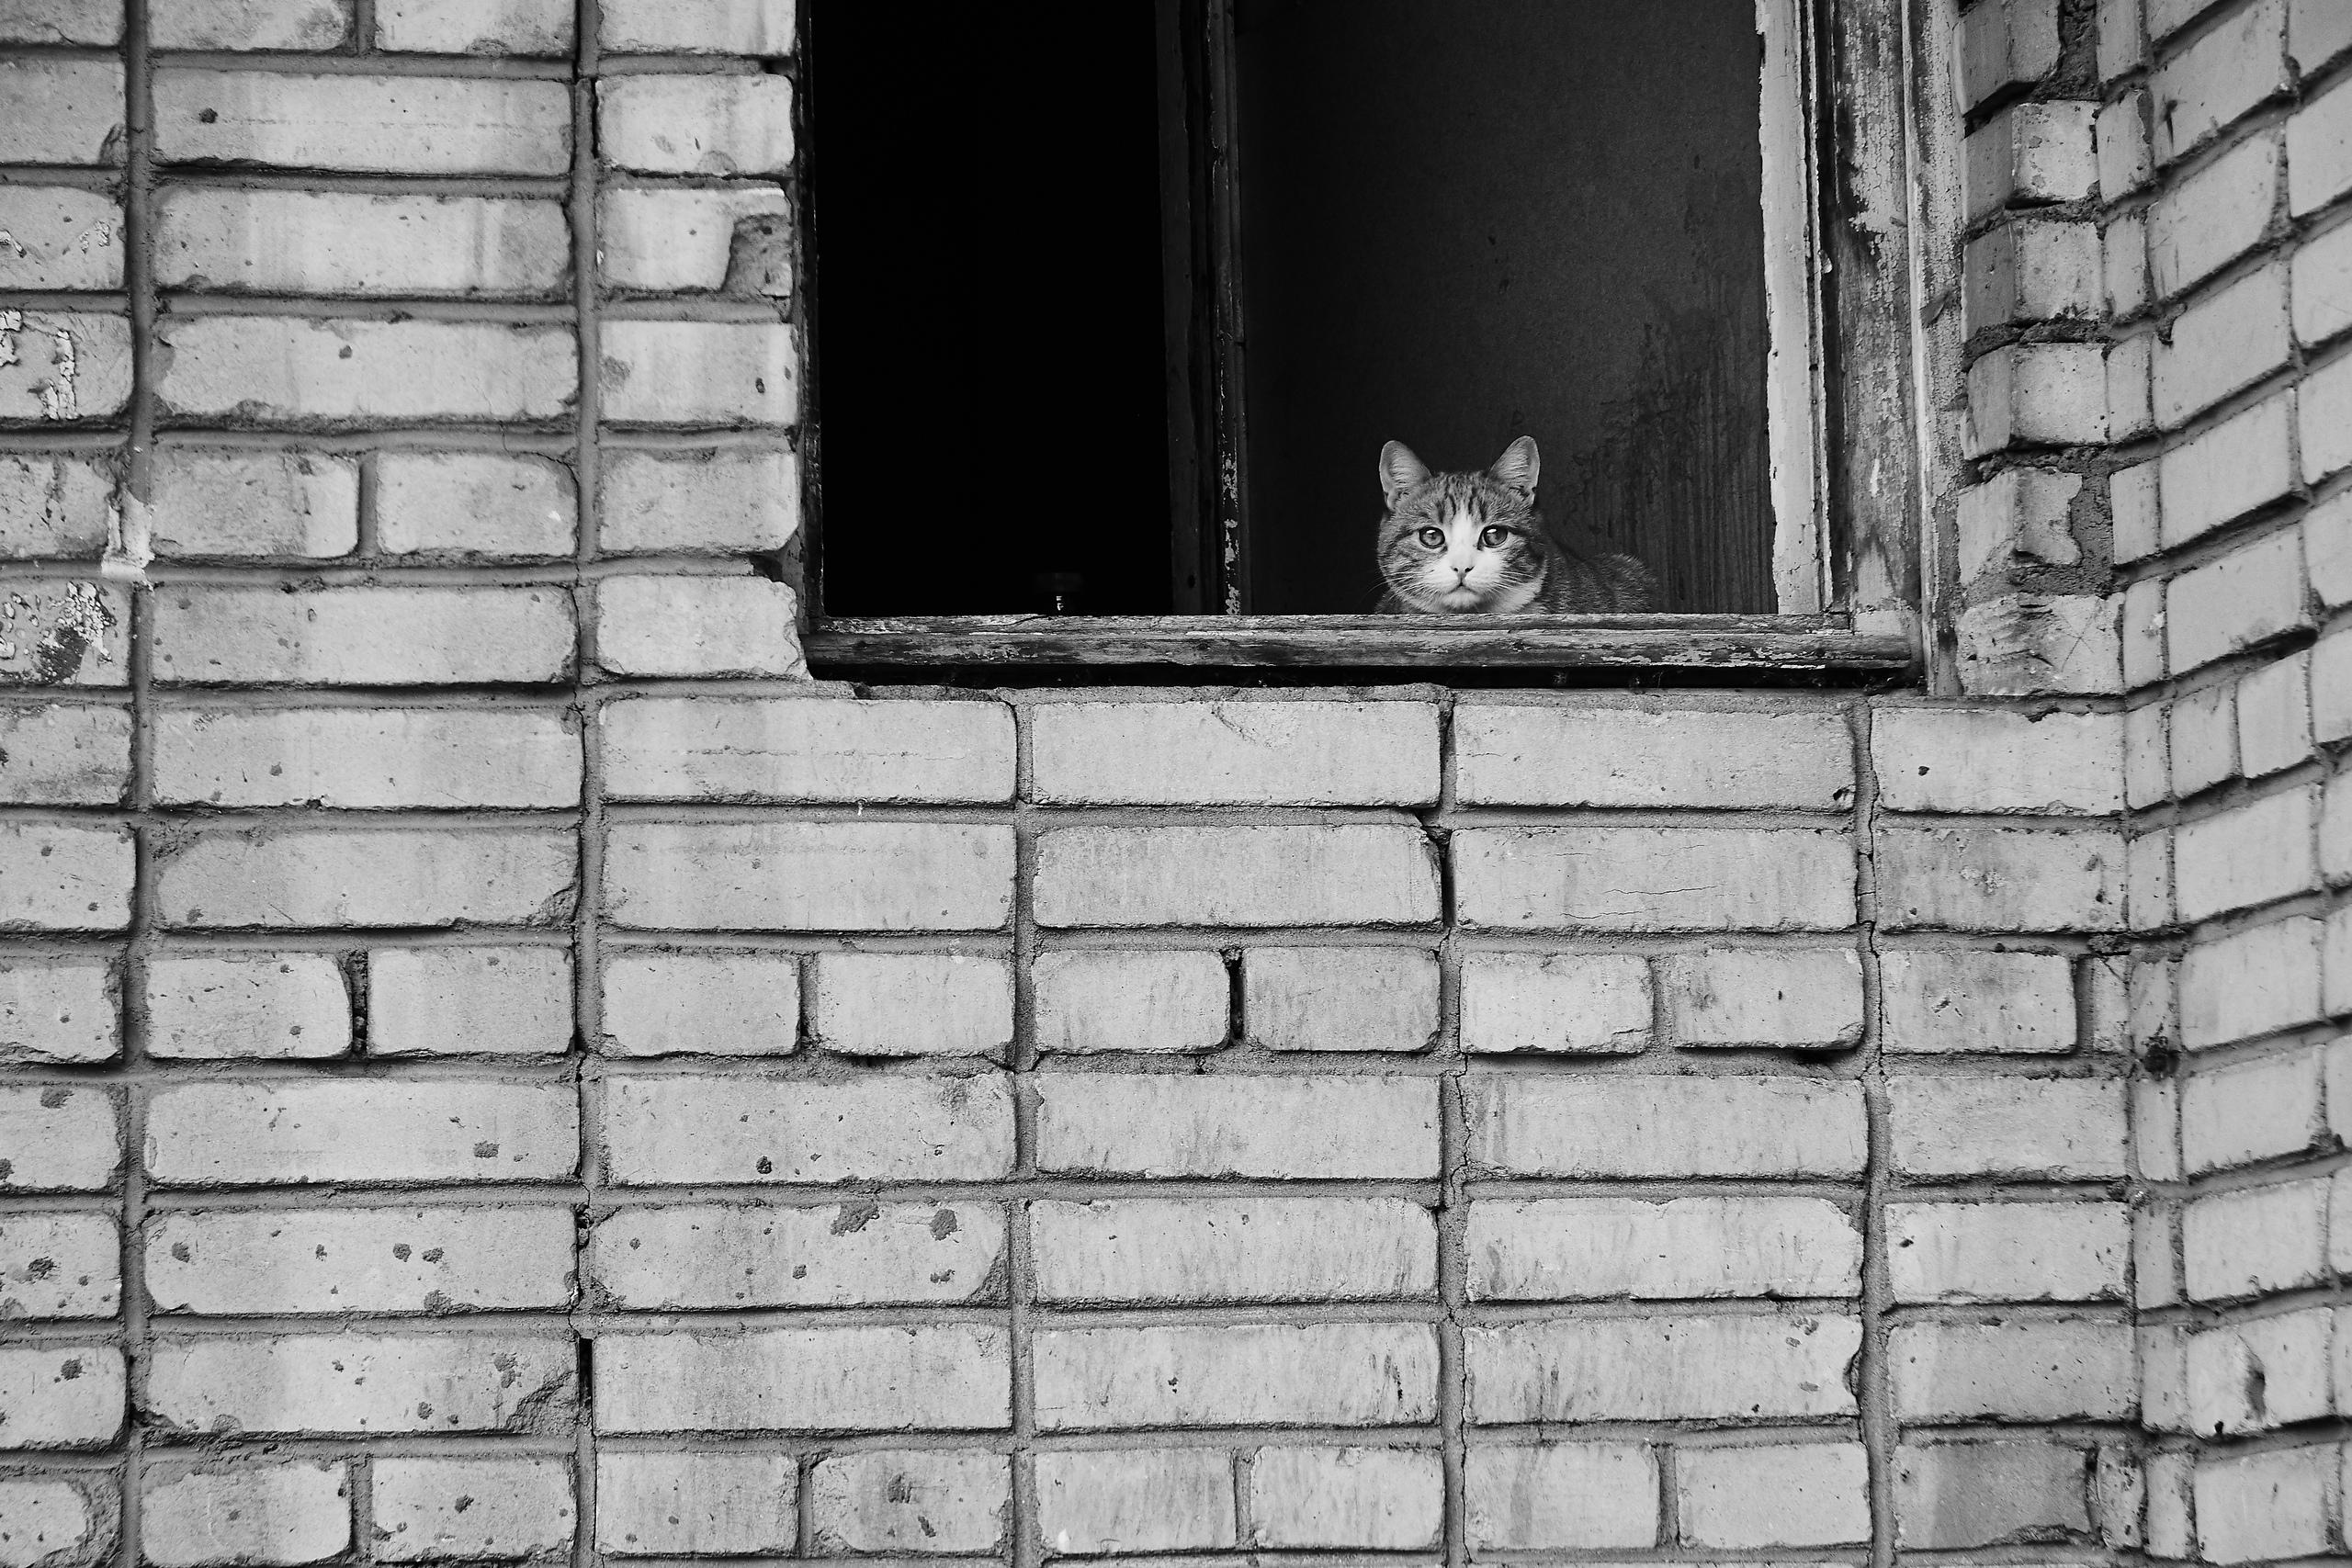 Котики ебеней - Фото